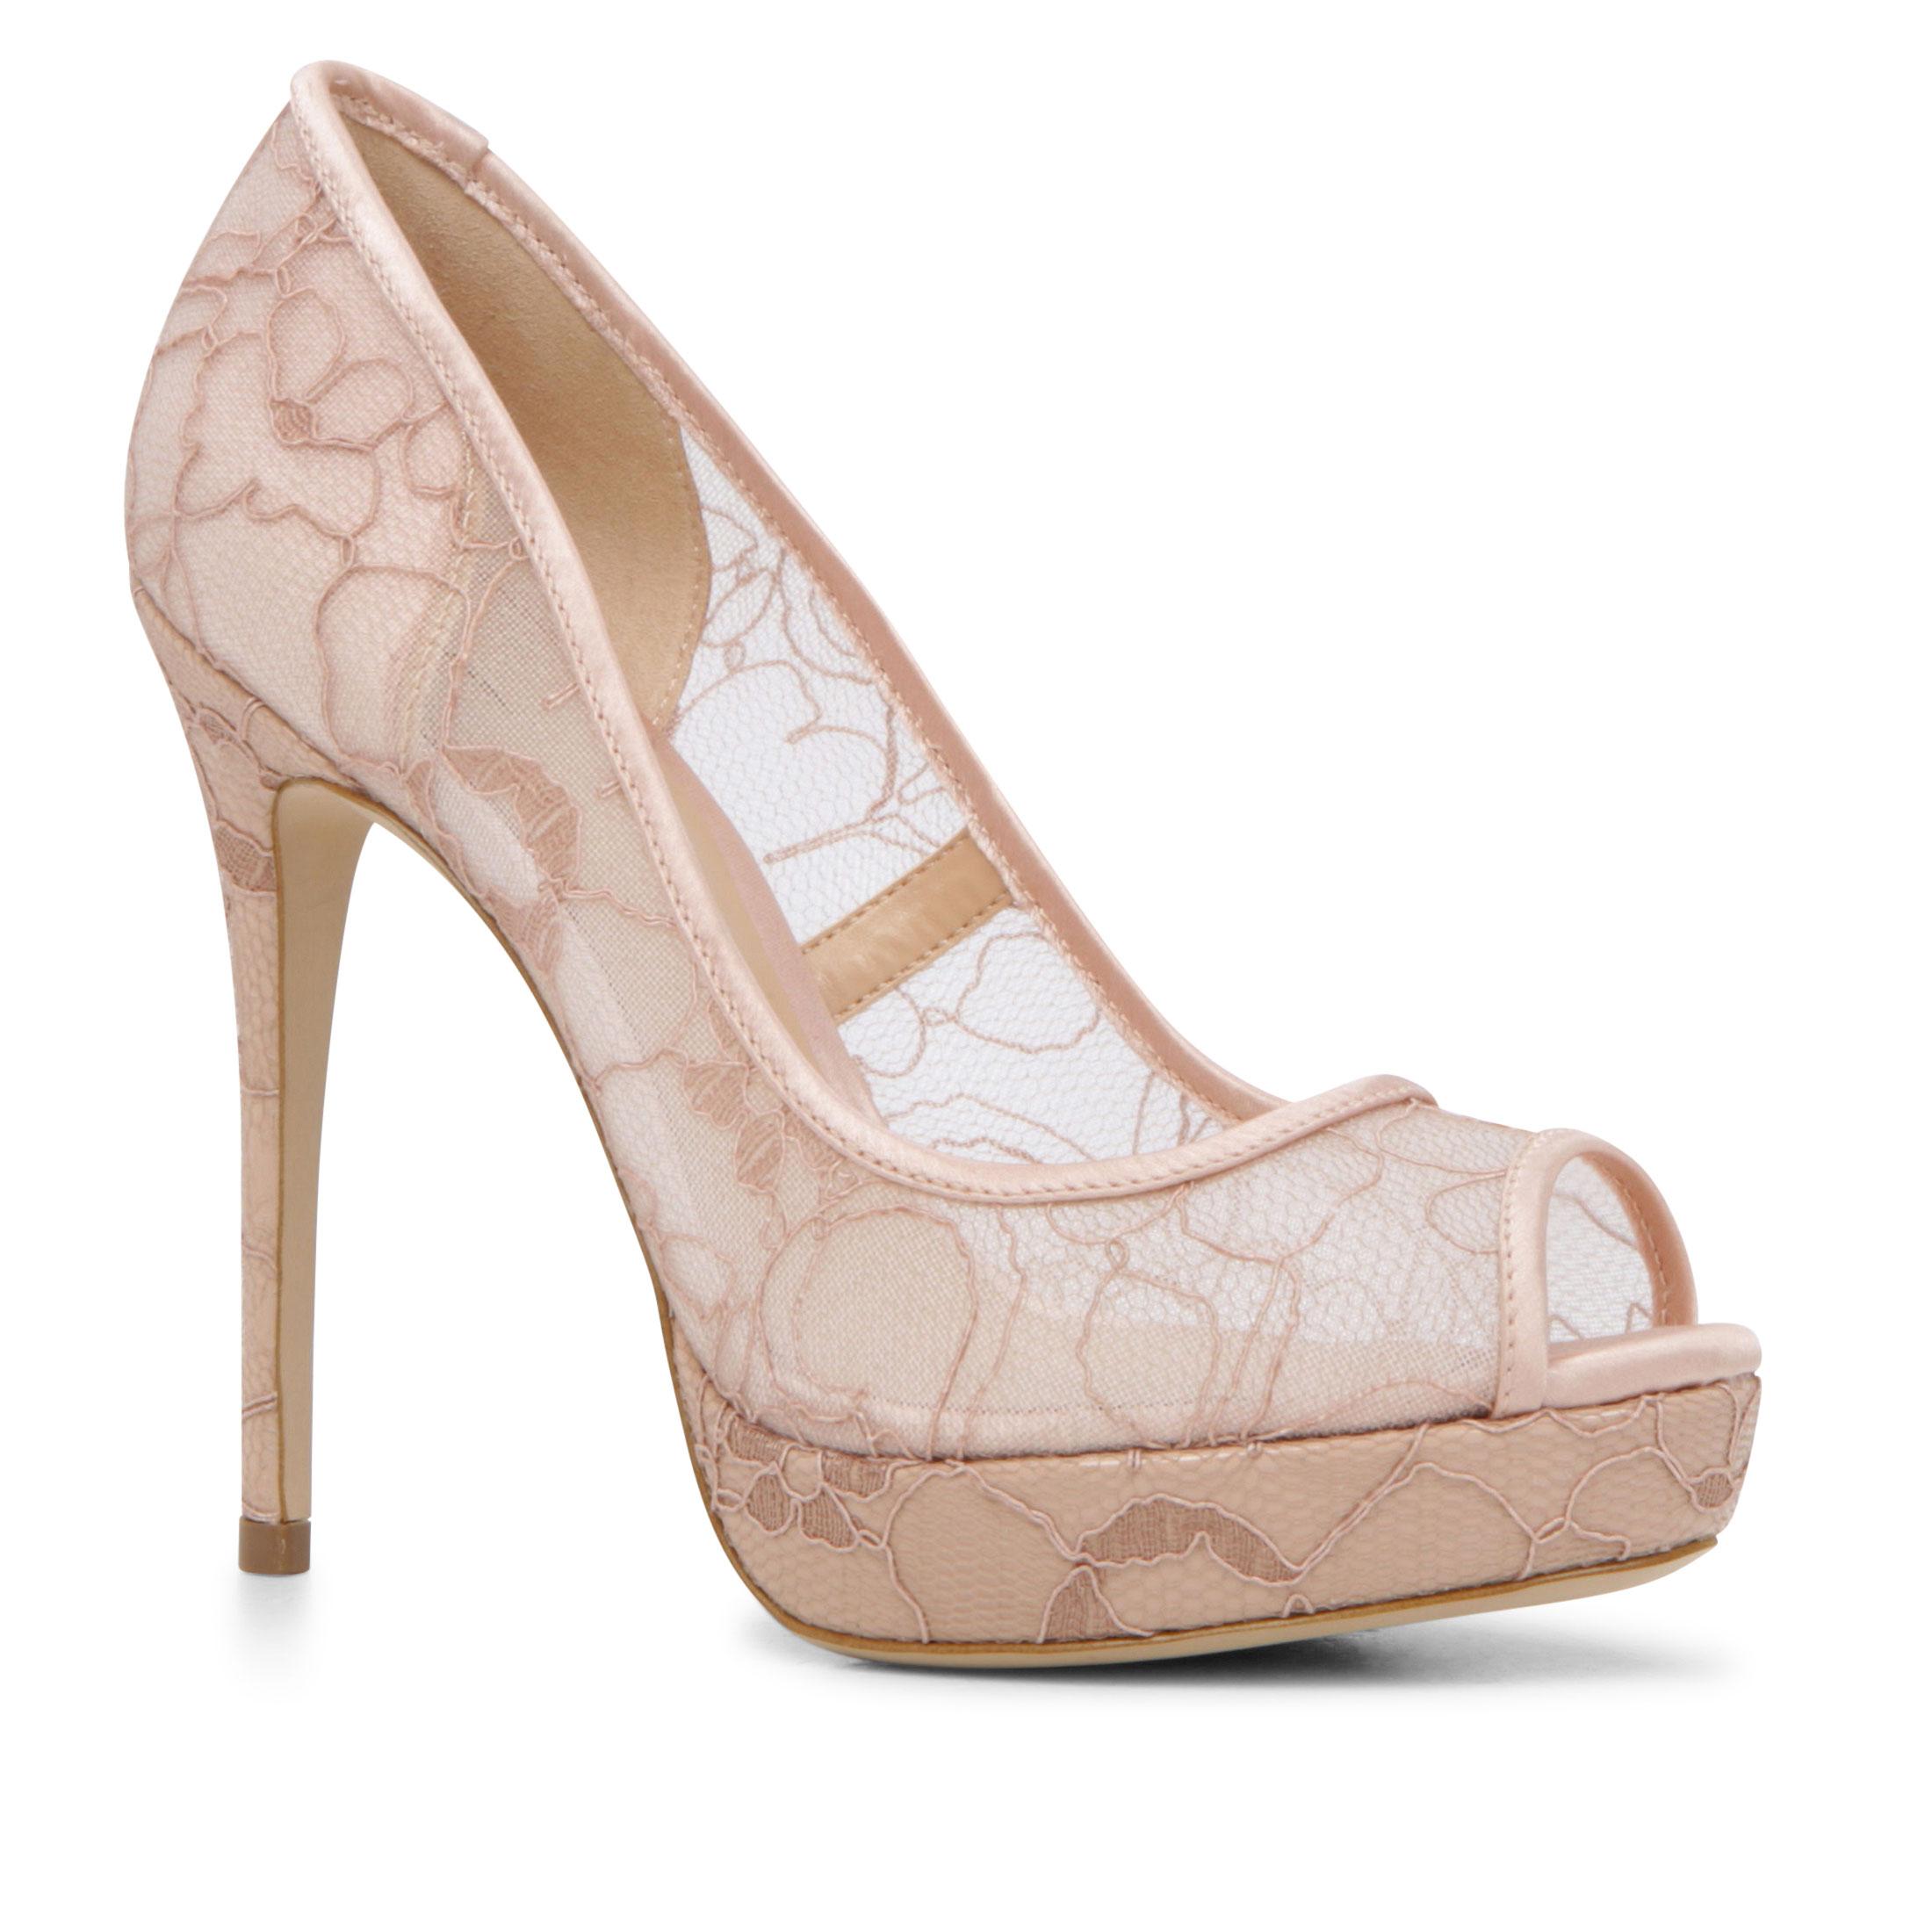 aldo velalla lace peeptoe platform shoes